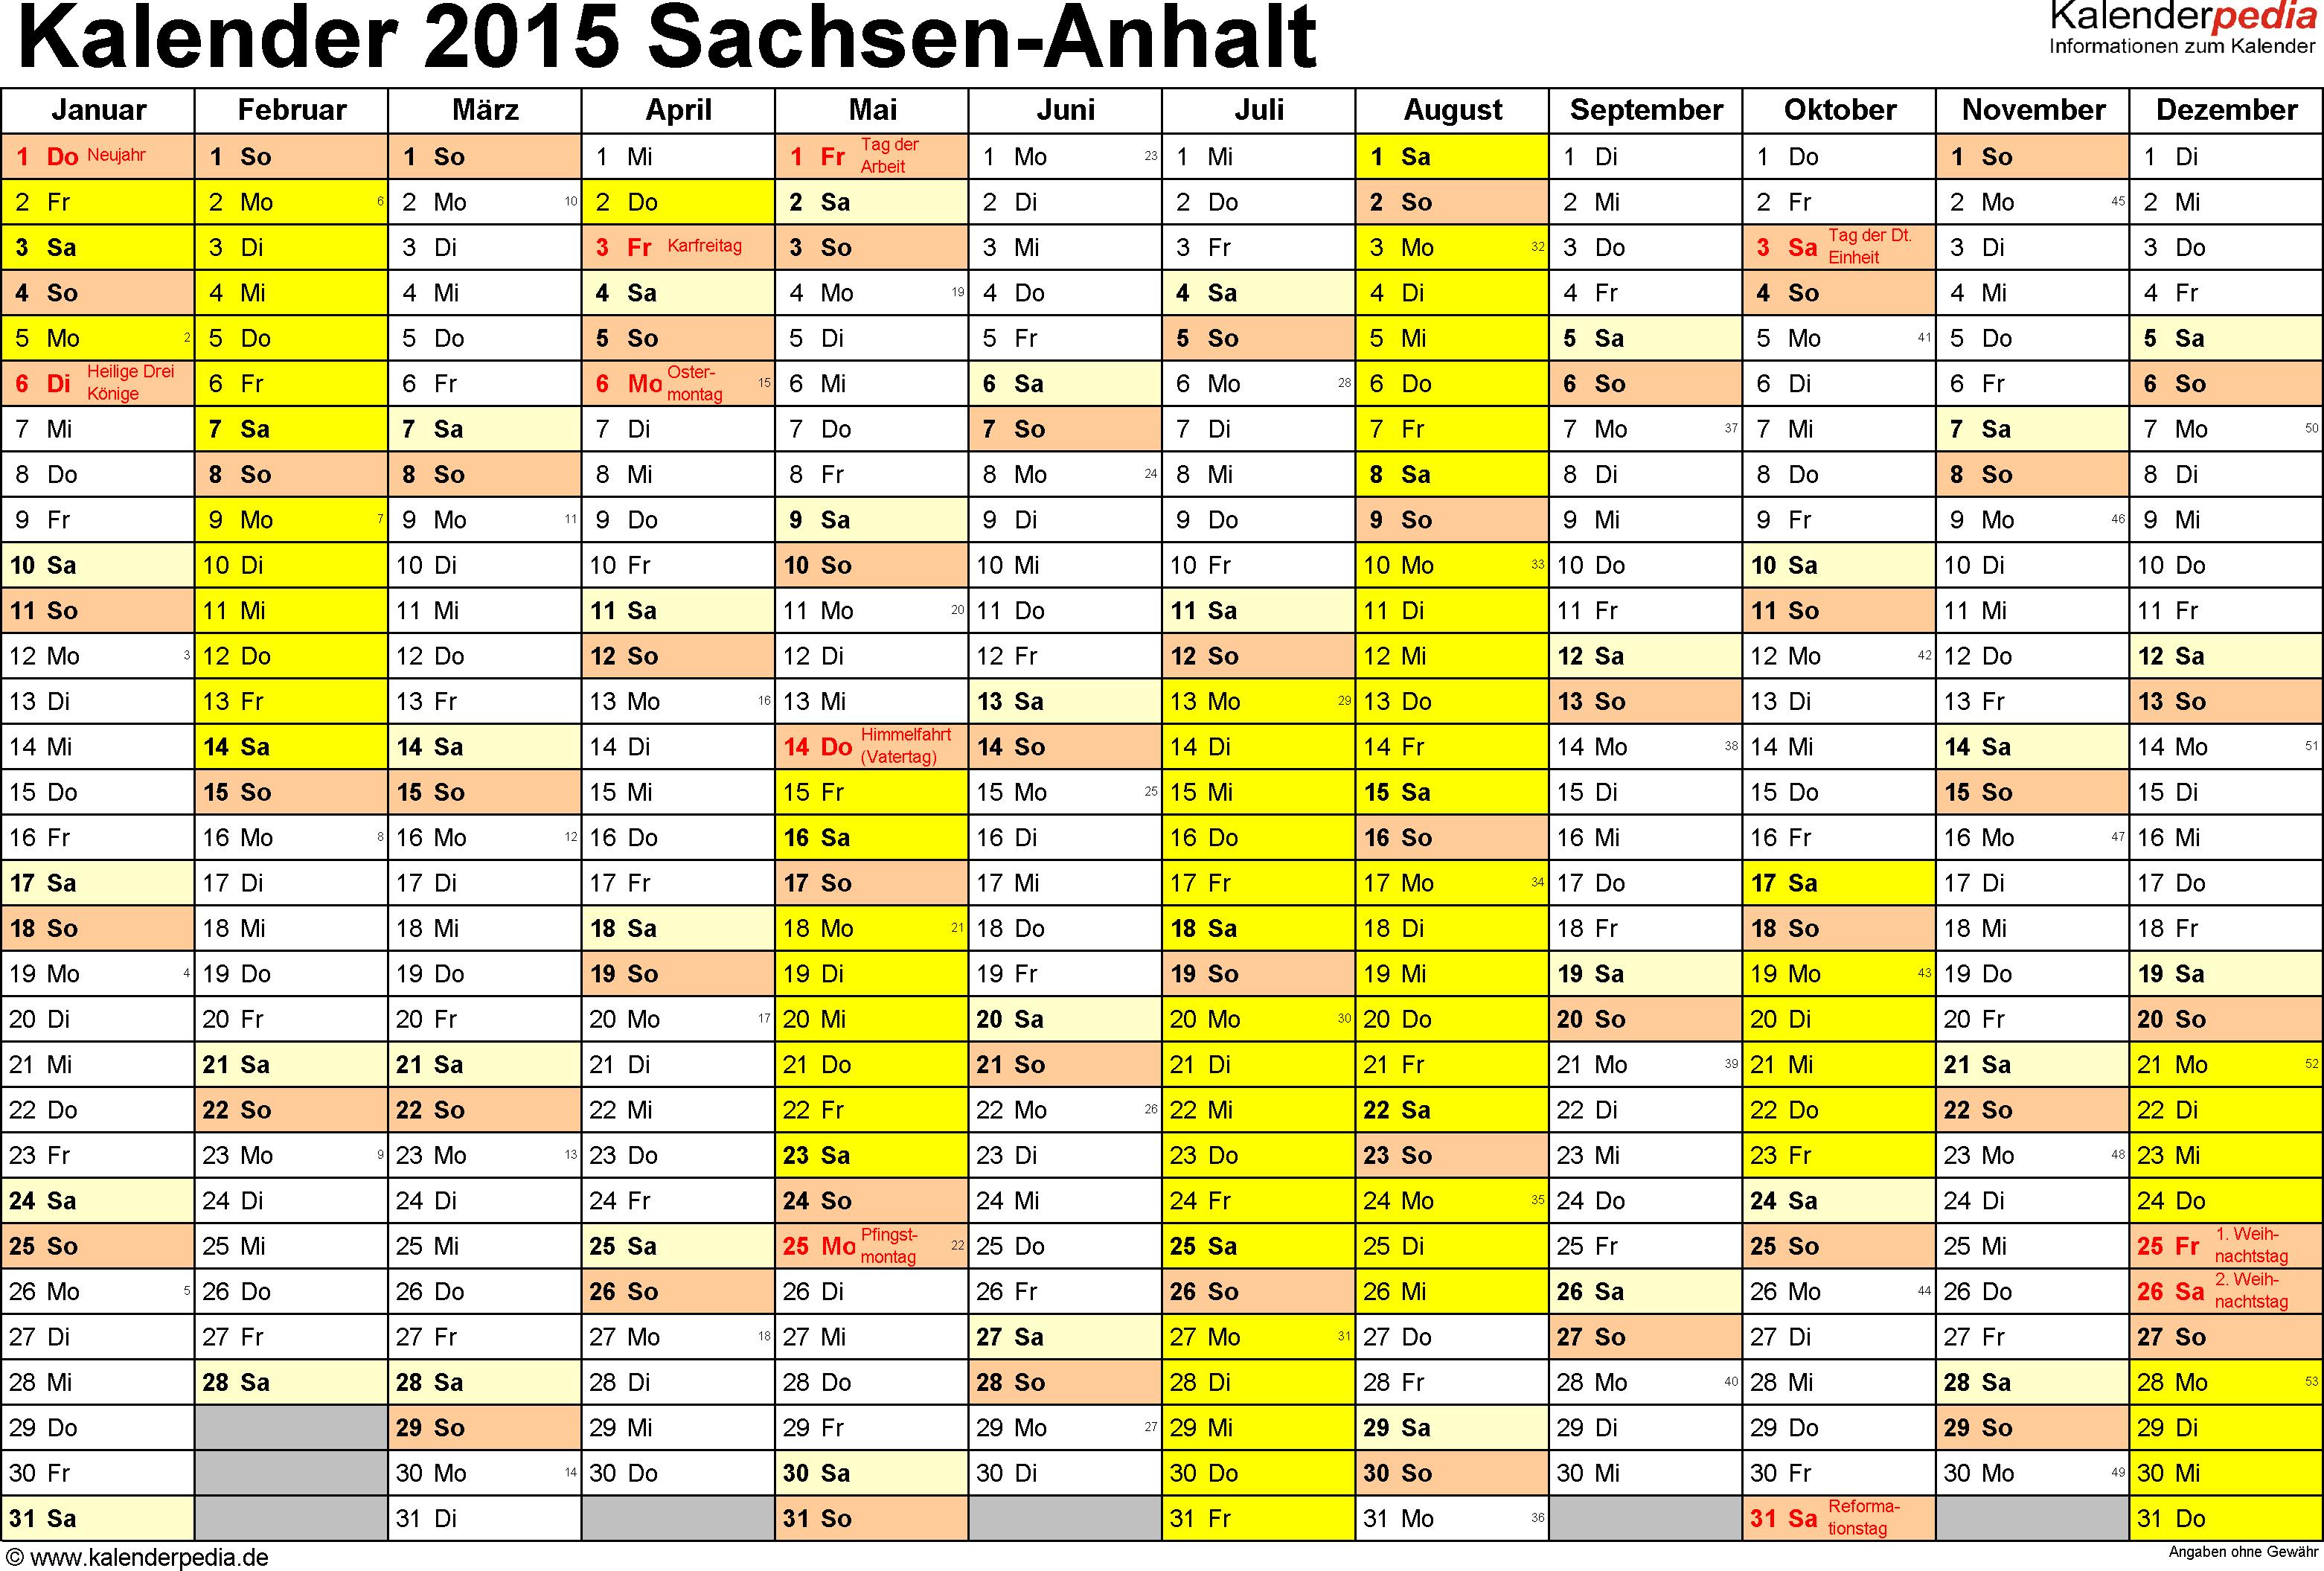 Vorlage 1: Kalender 2015 für Sachsen-Anhalt als PDF-Vorlage (Querformat, 1 Seite)